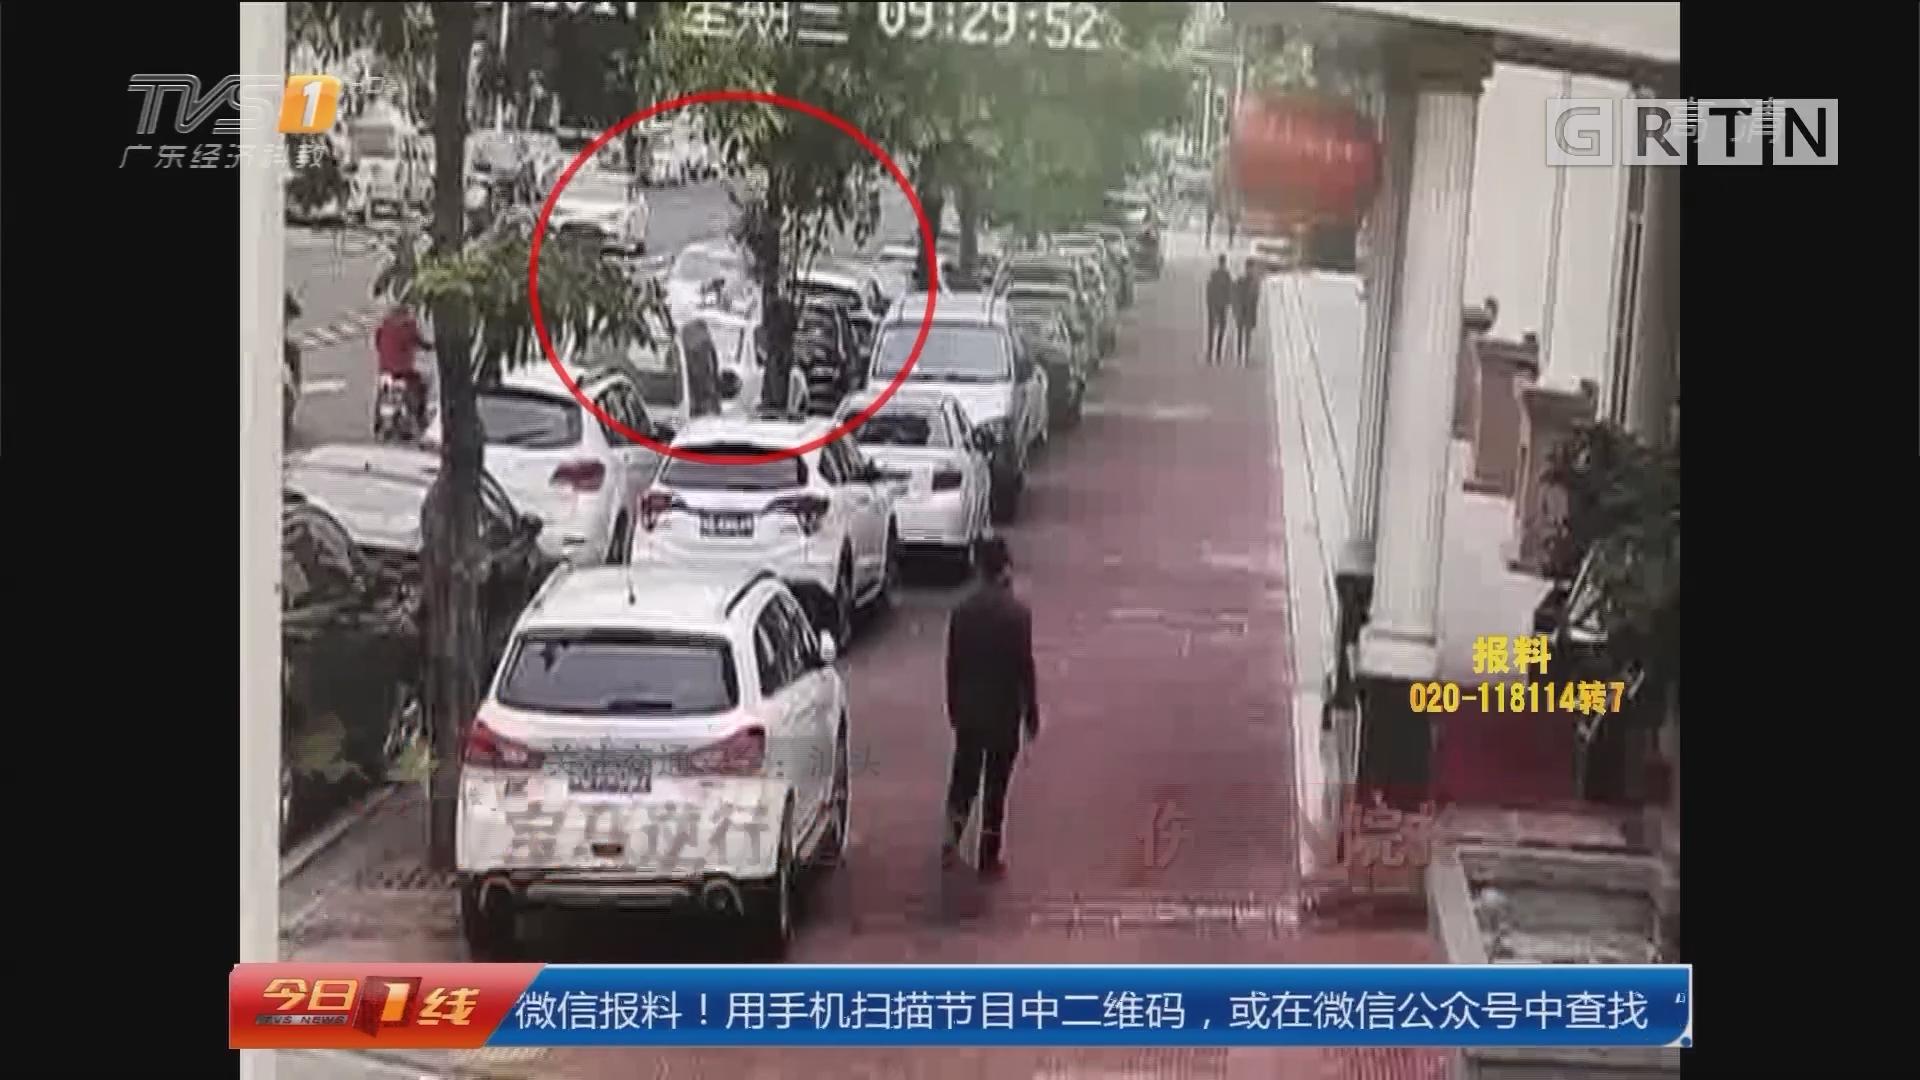 关注交通安全:汕头 宝马逆行撞人致一死 伤者入院抢救